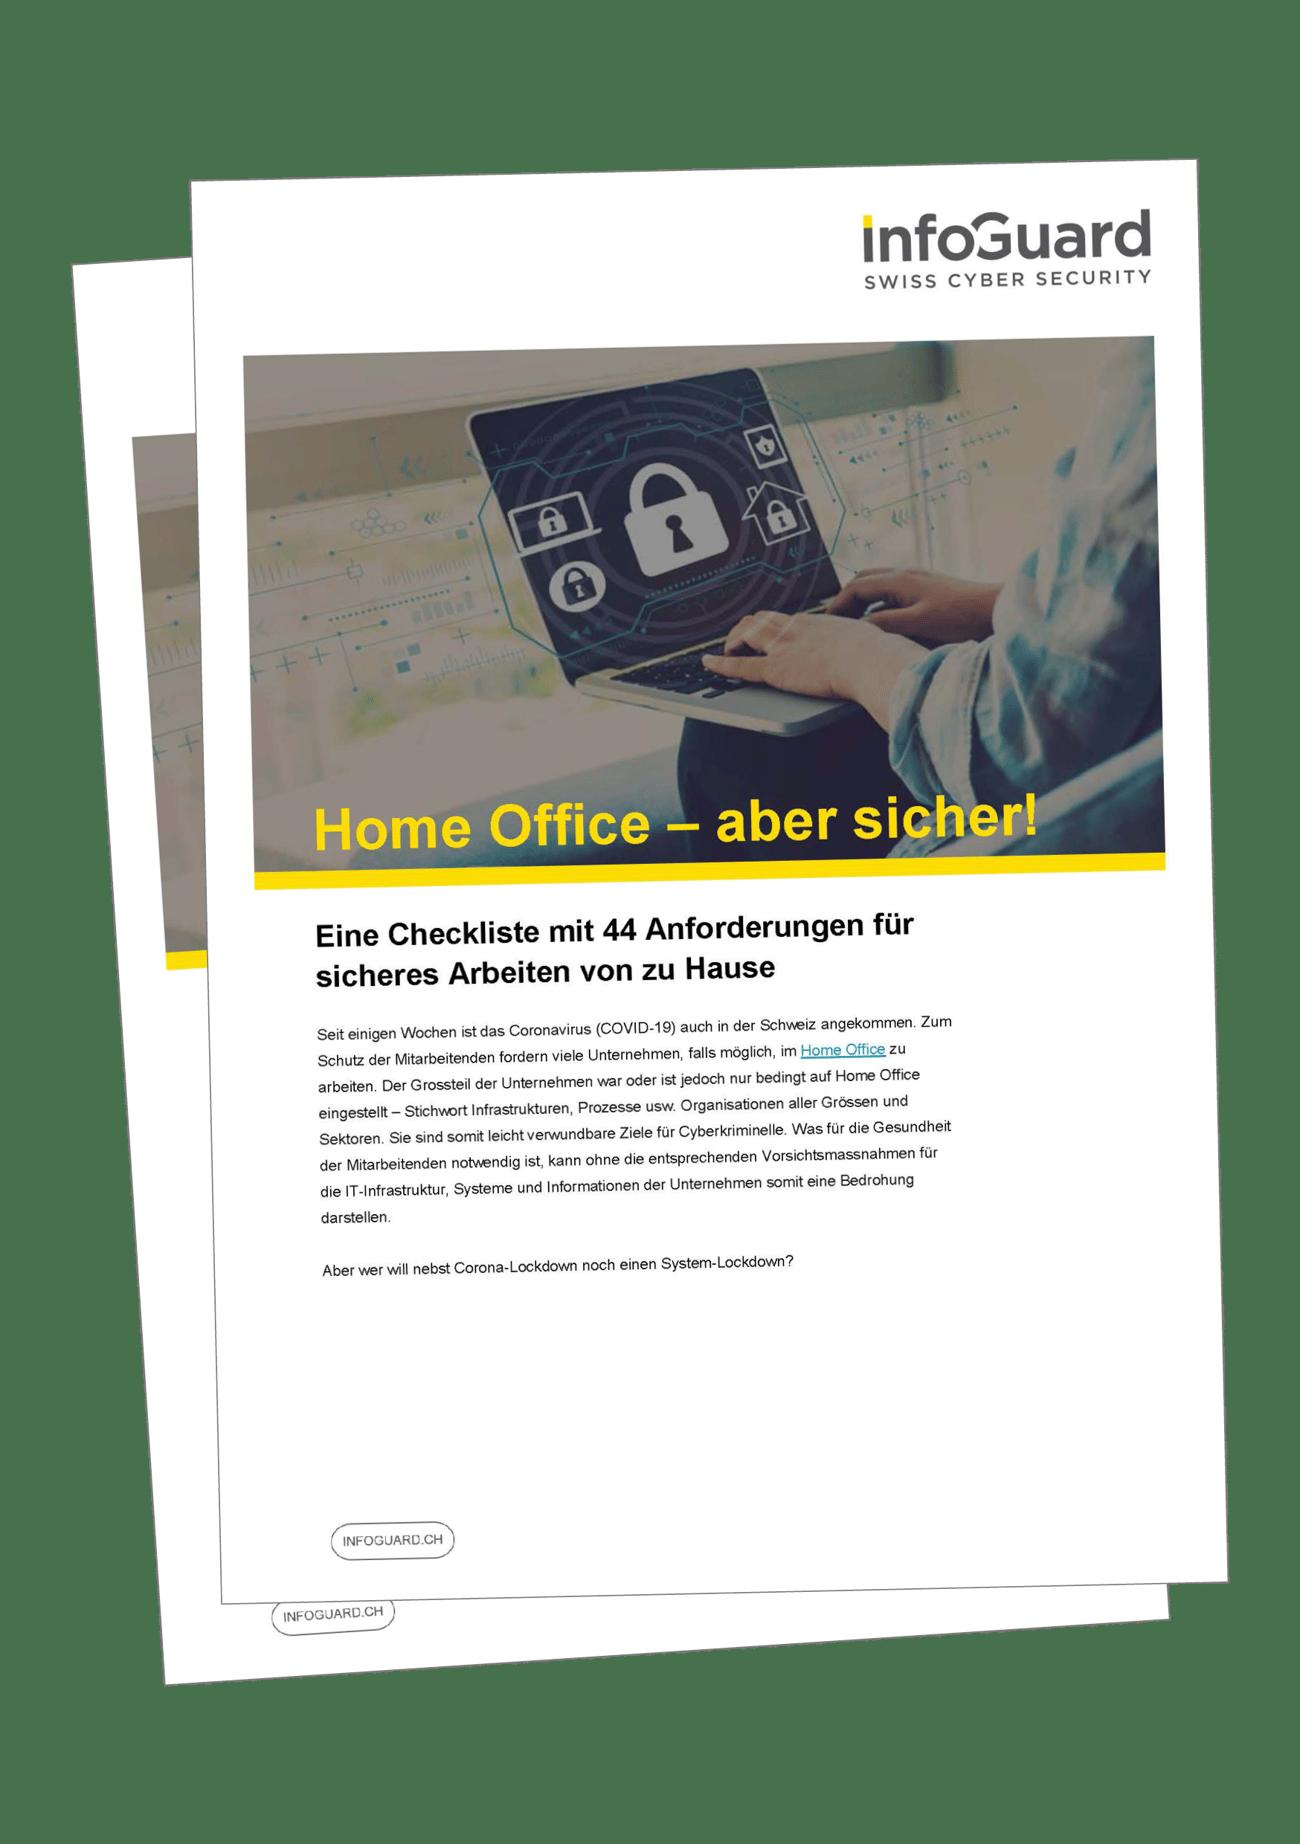 infoguard-checkliste-sicheres-home-office-preview-de